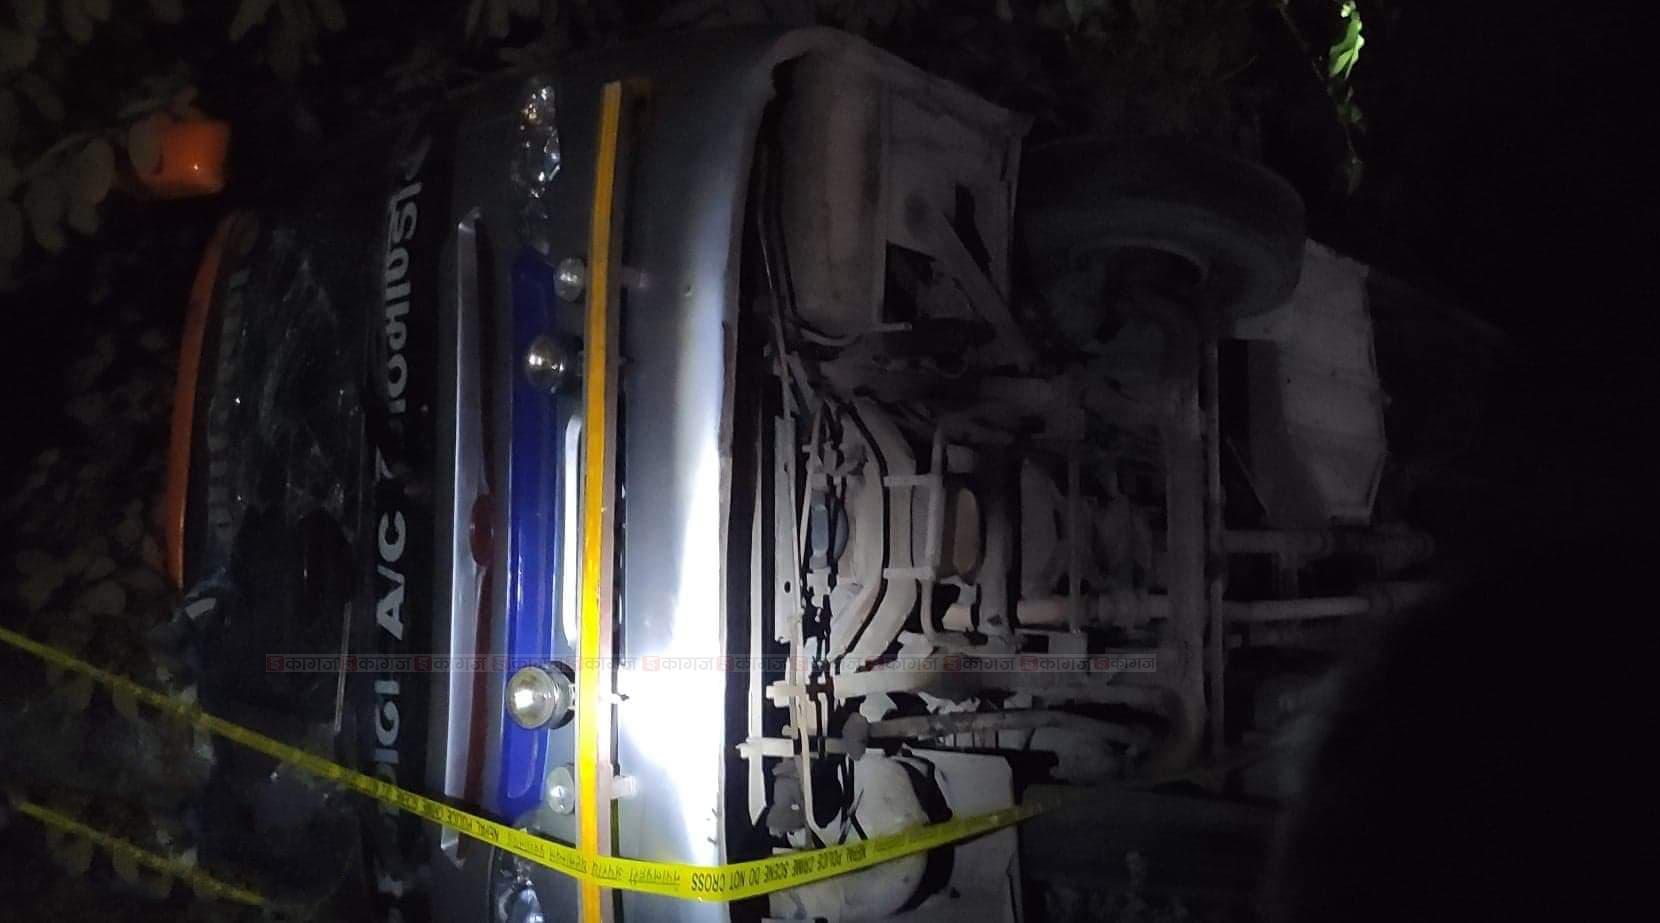 कैलालीमा बस दुर्घटना एक जनाको मृत्यु, २९ जना घाईते